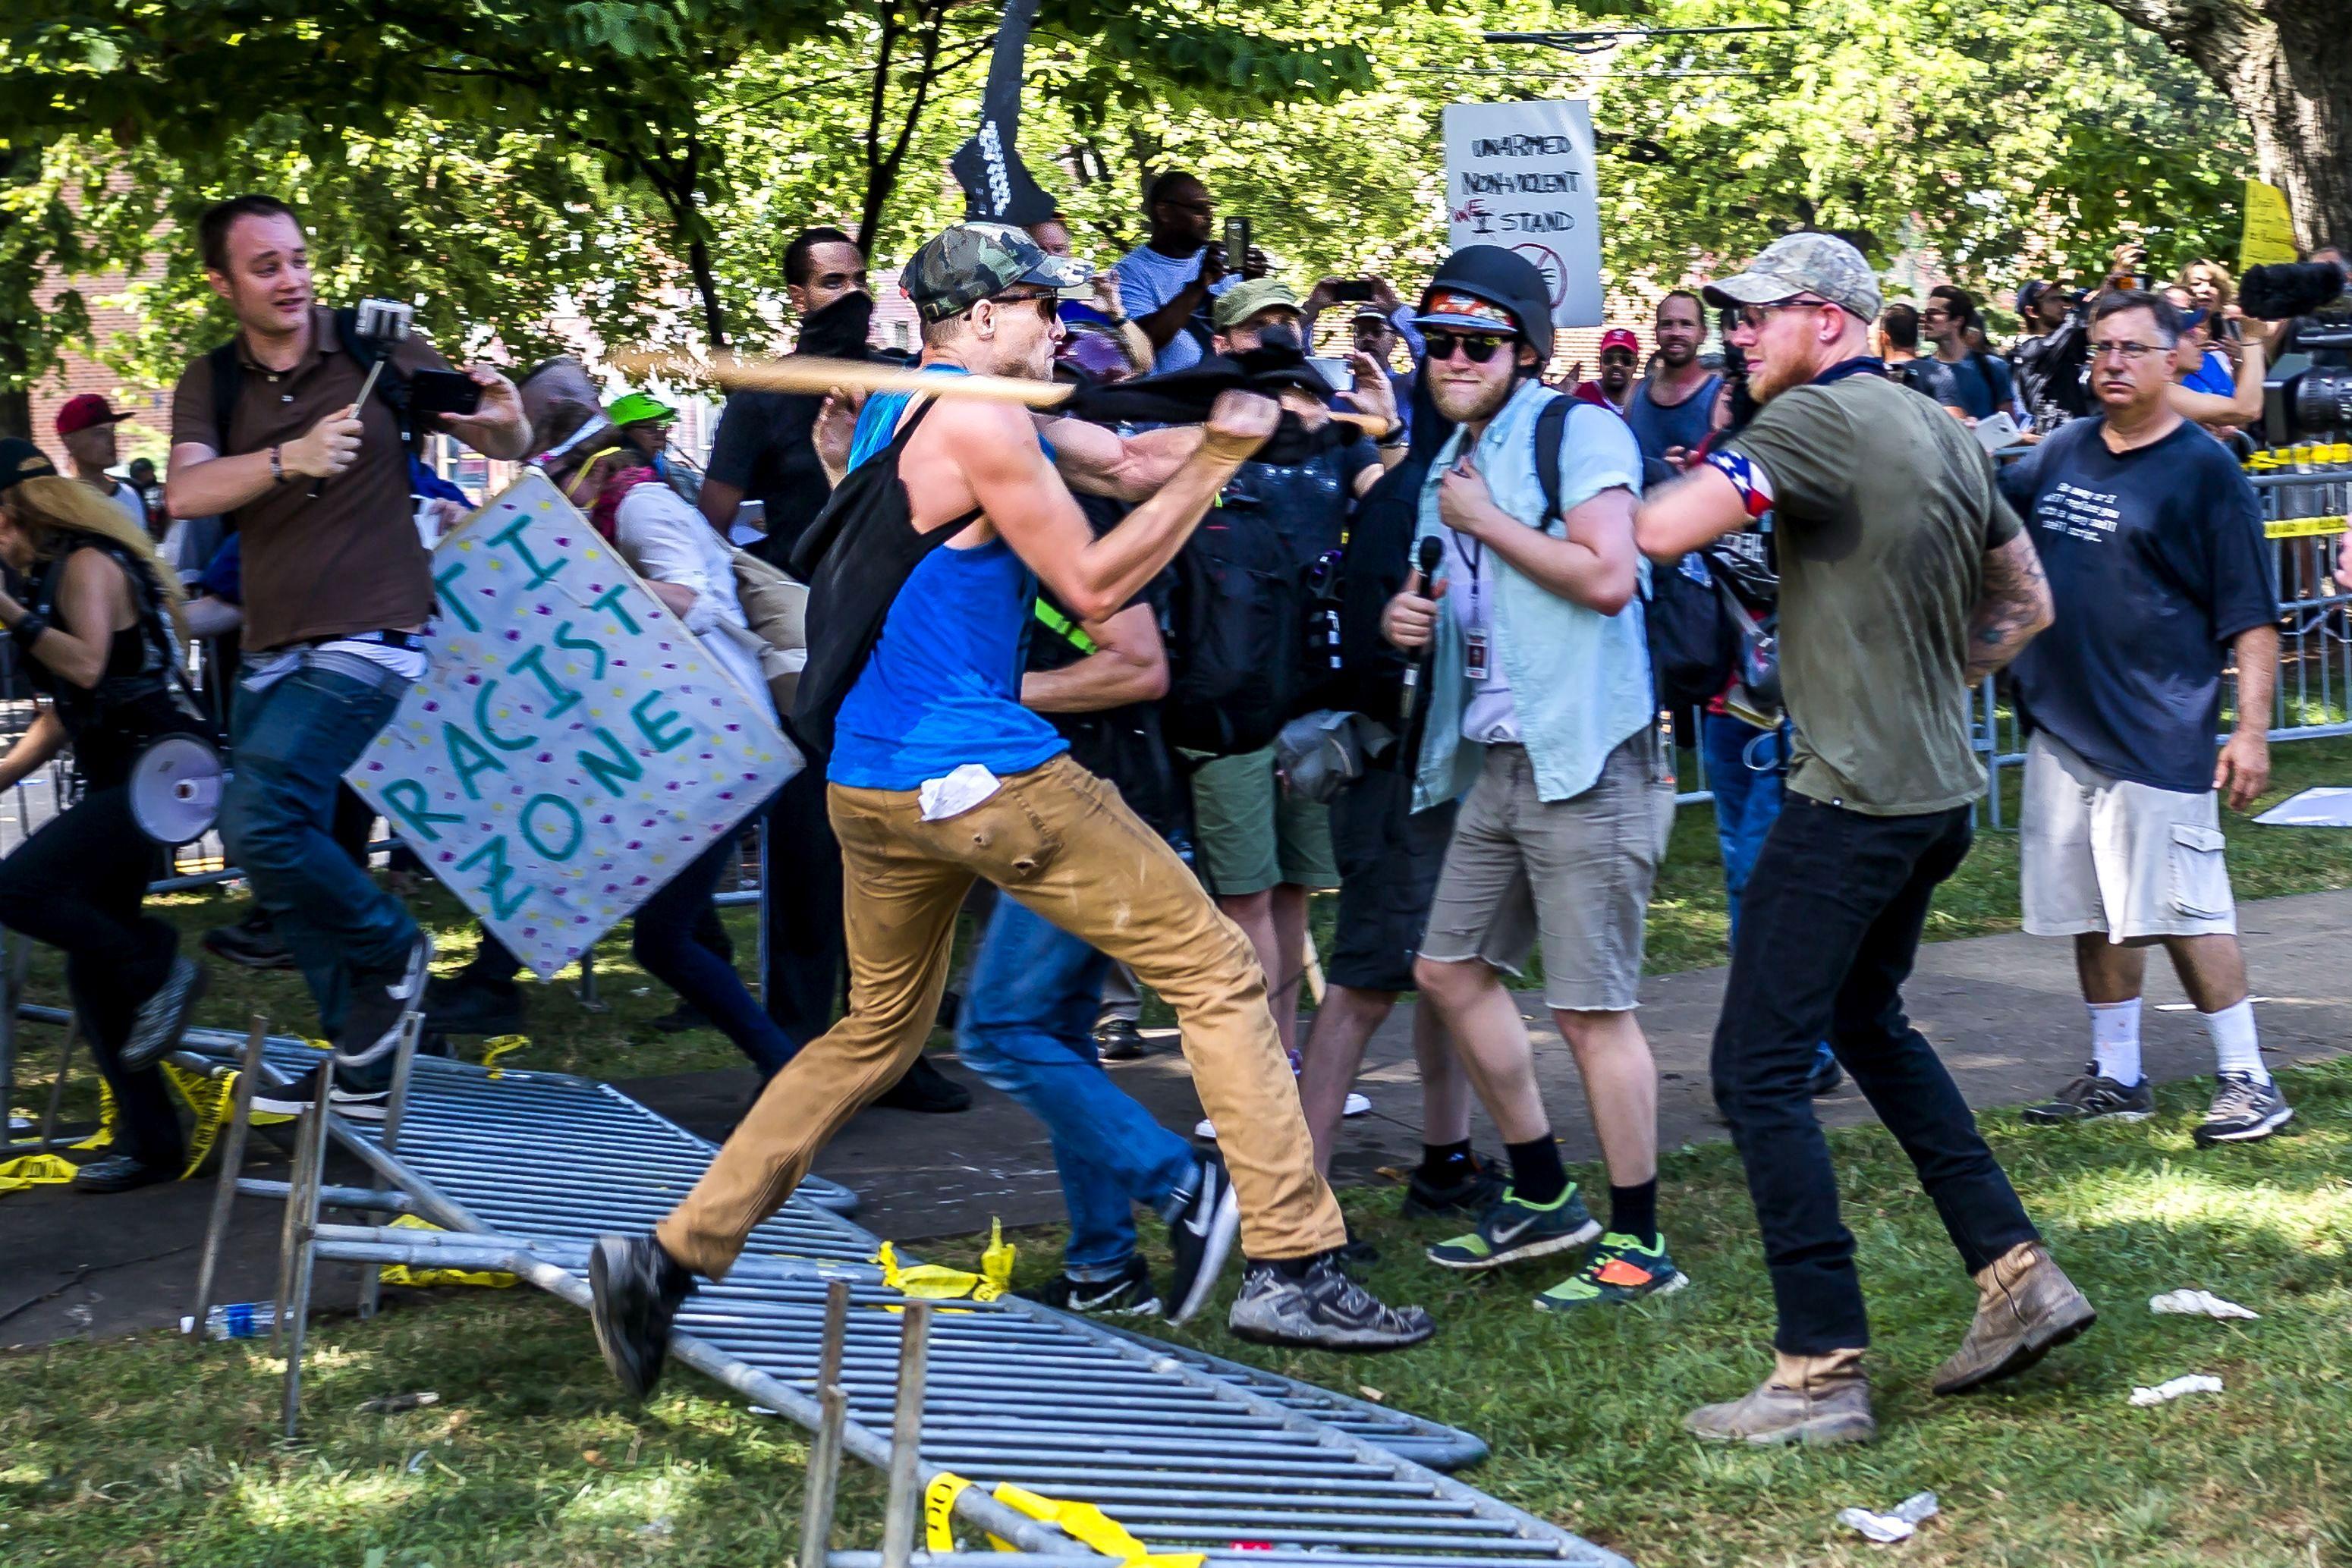 Los miembros del mitin Alt-Right chocan con los contramanifestantes en el mitin 'Unite the Right' en Charlottesville